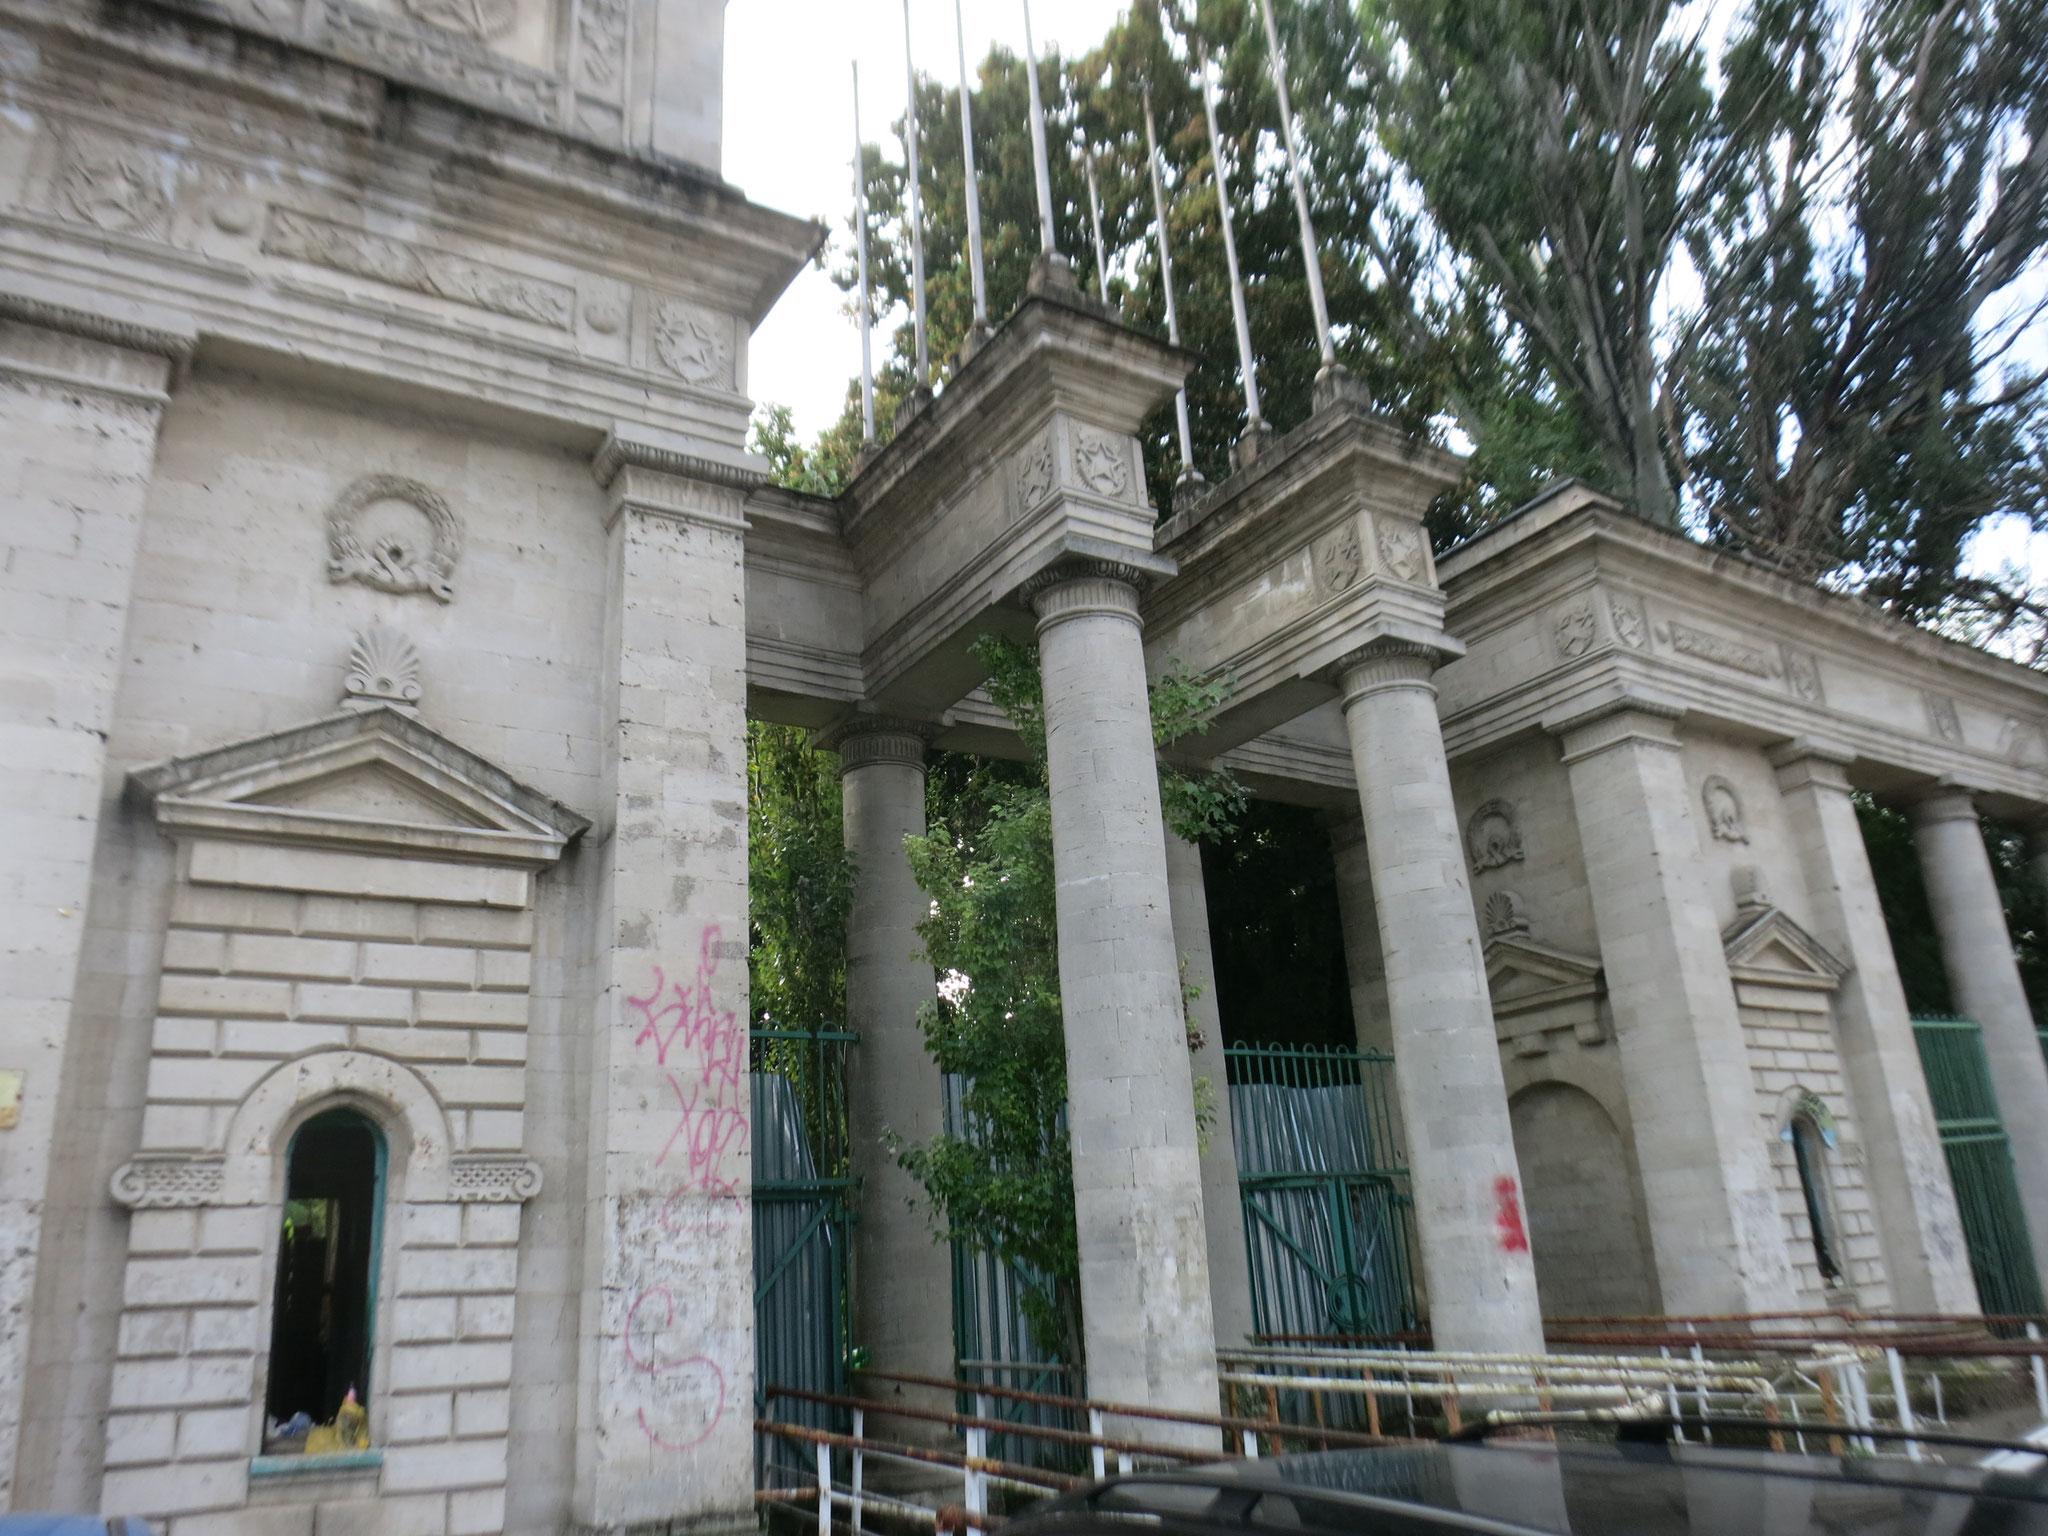 Der geschlossene Eingang zum ehemaligen Stadion